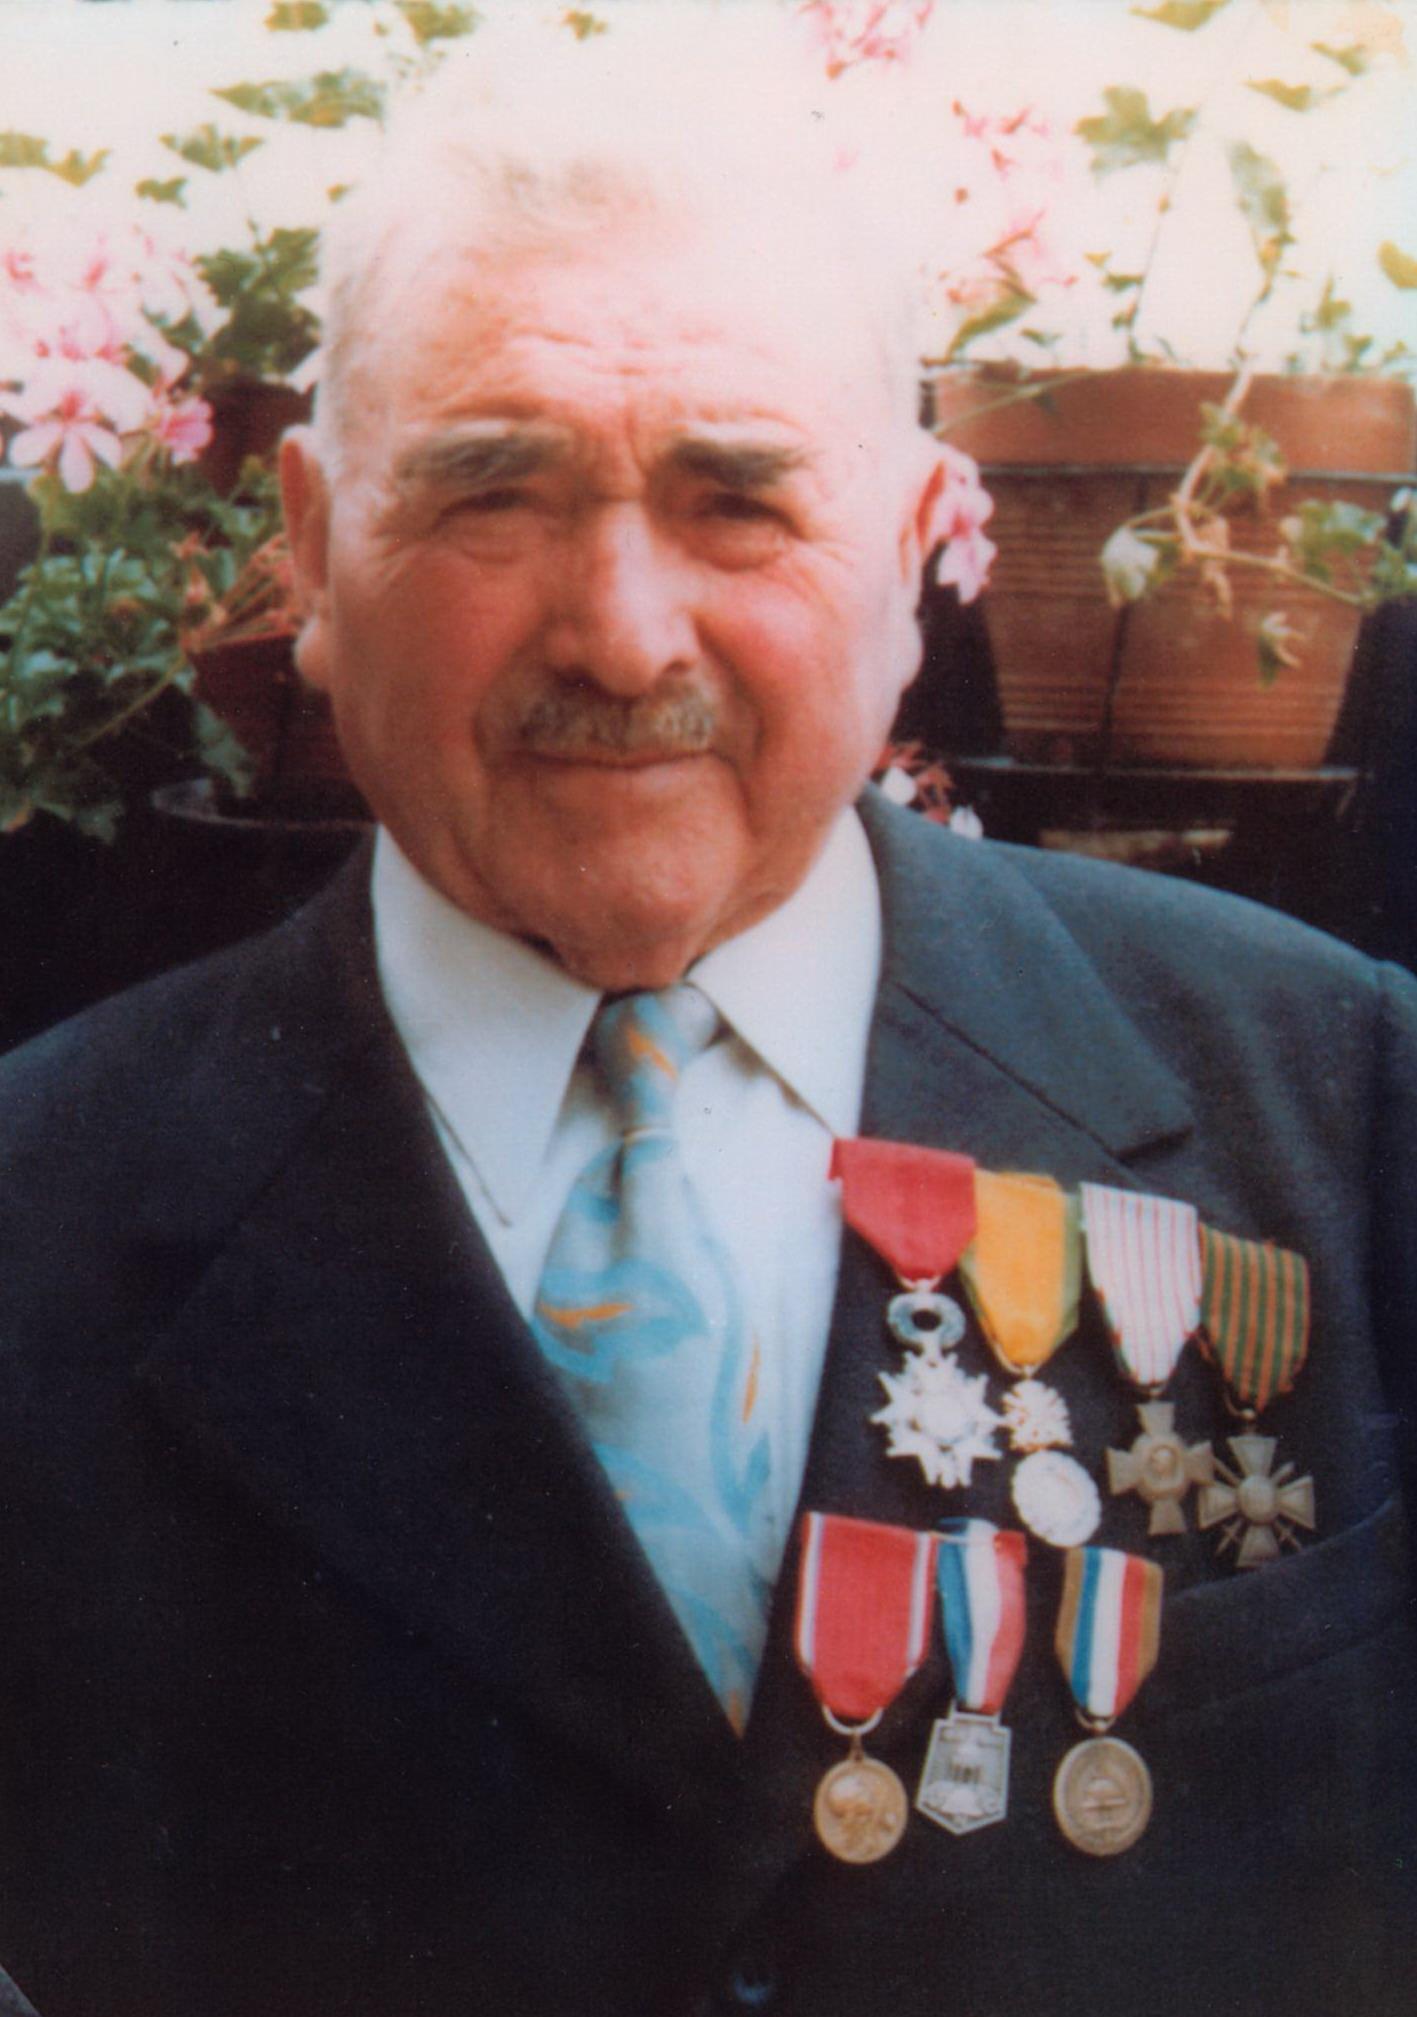 Pierre Pannetier